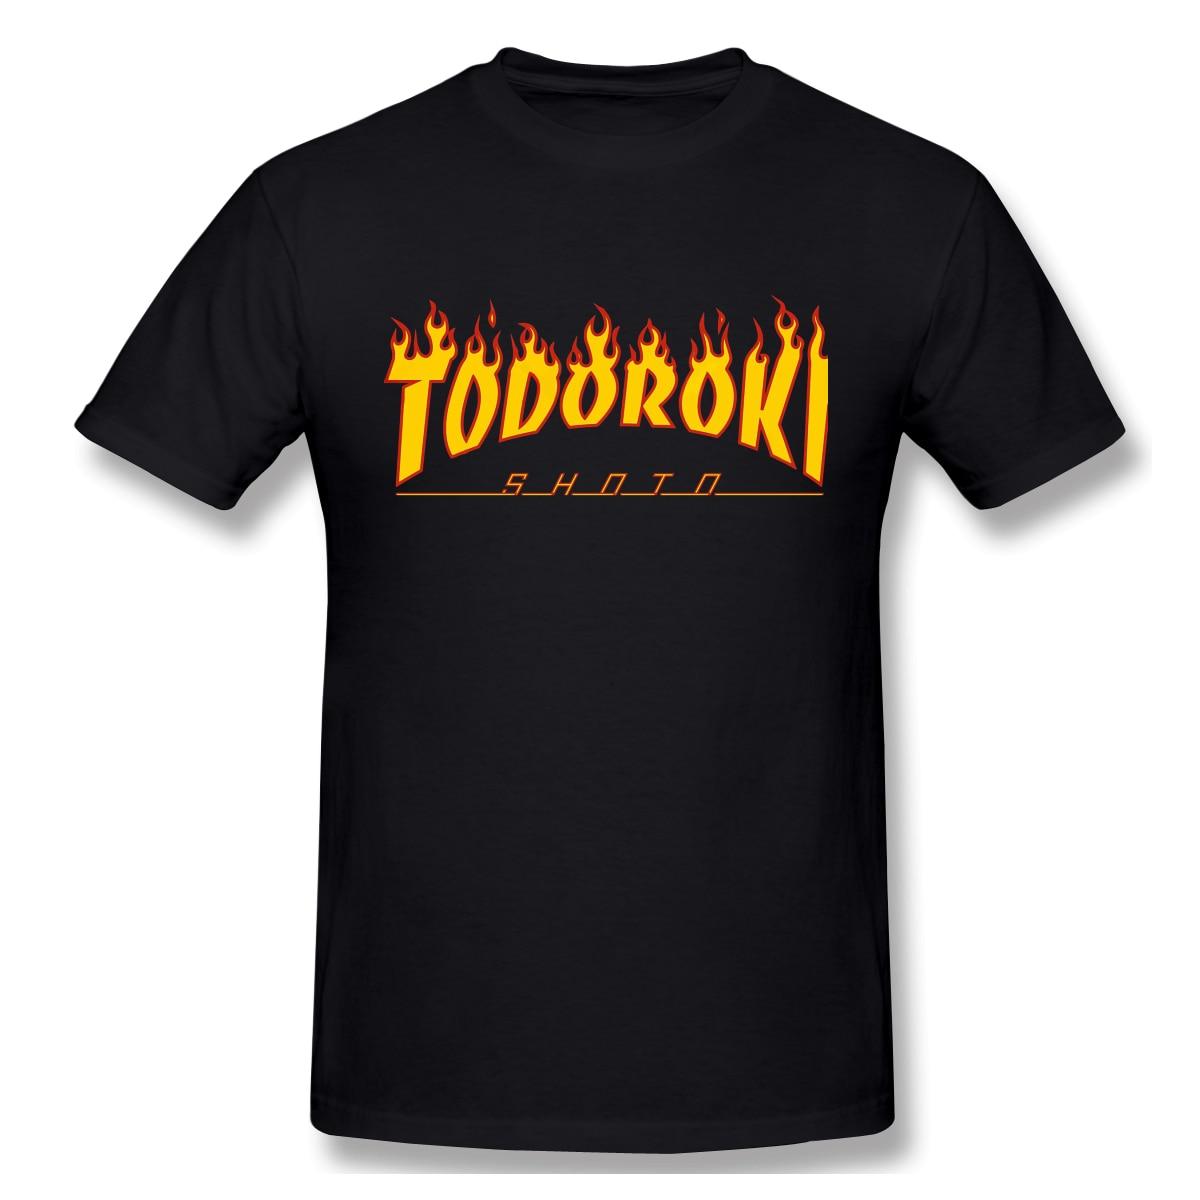 Bakugo Katsuki Men Shirt Tops Humorous Cotton Tees Todoroki Shoto Thrasher Fire Shirts Round Collar Clothing Gift Idea Plus Size